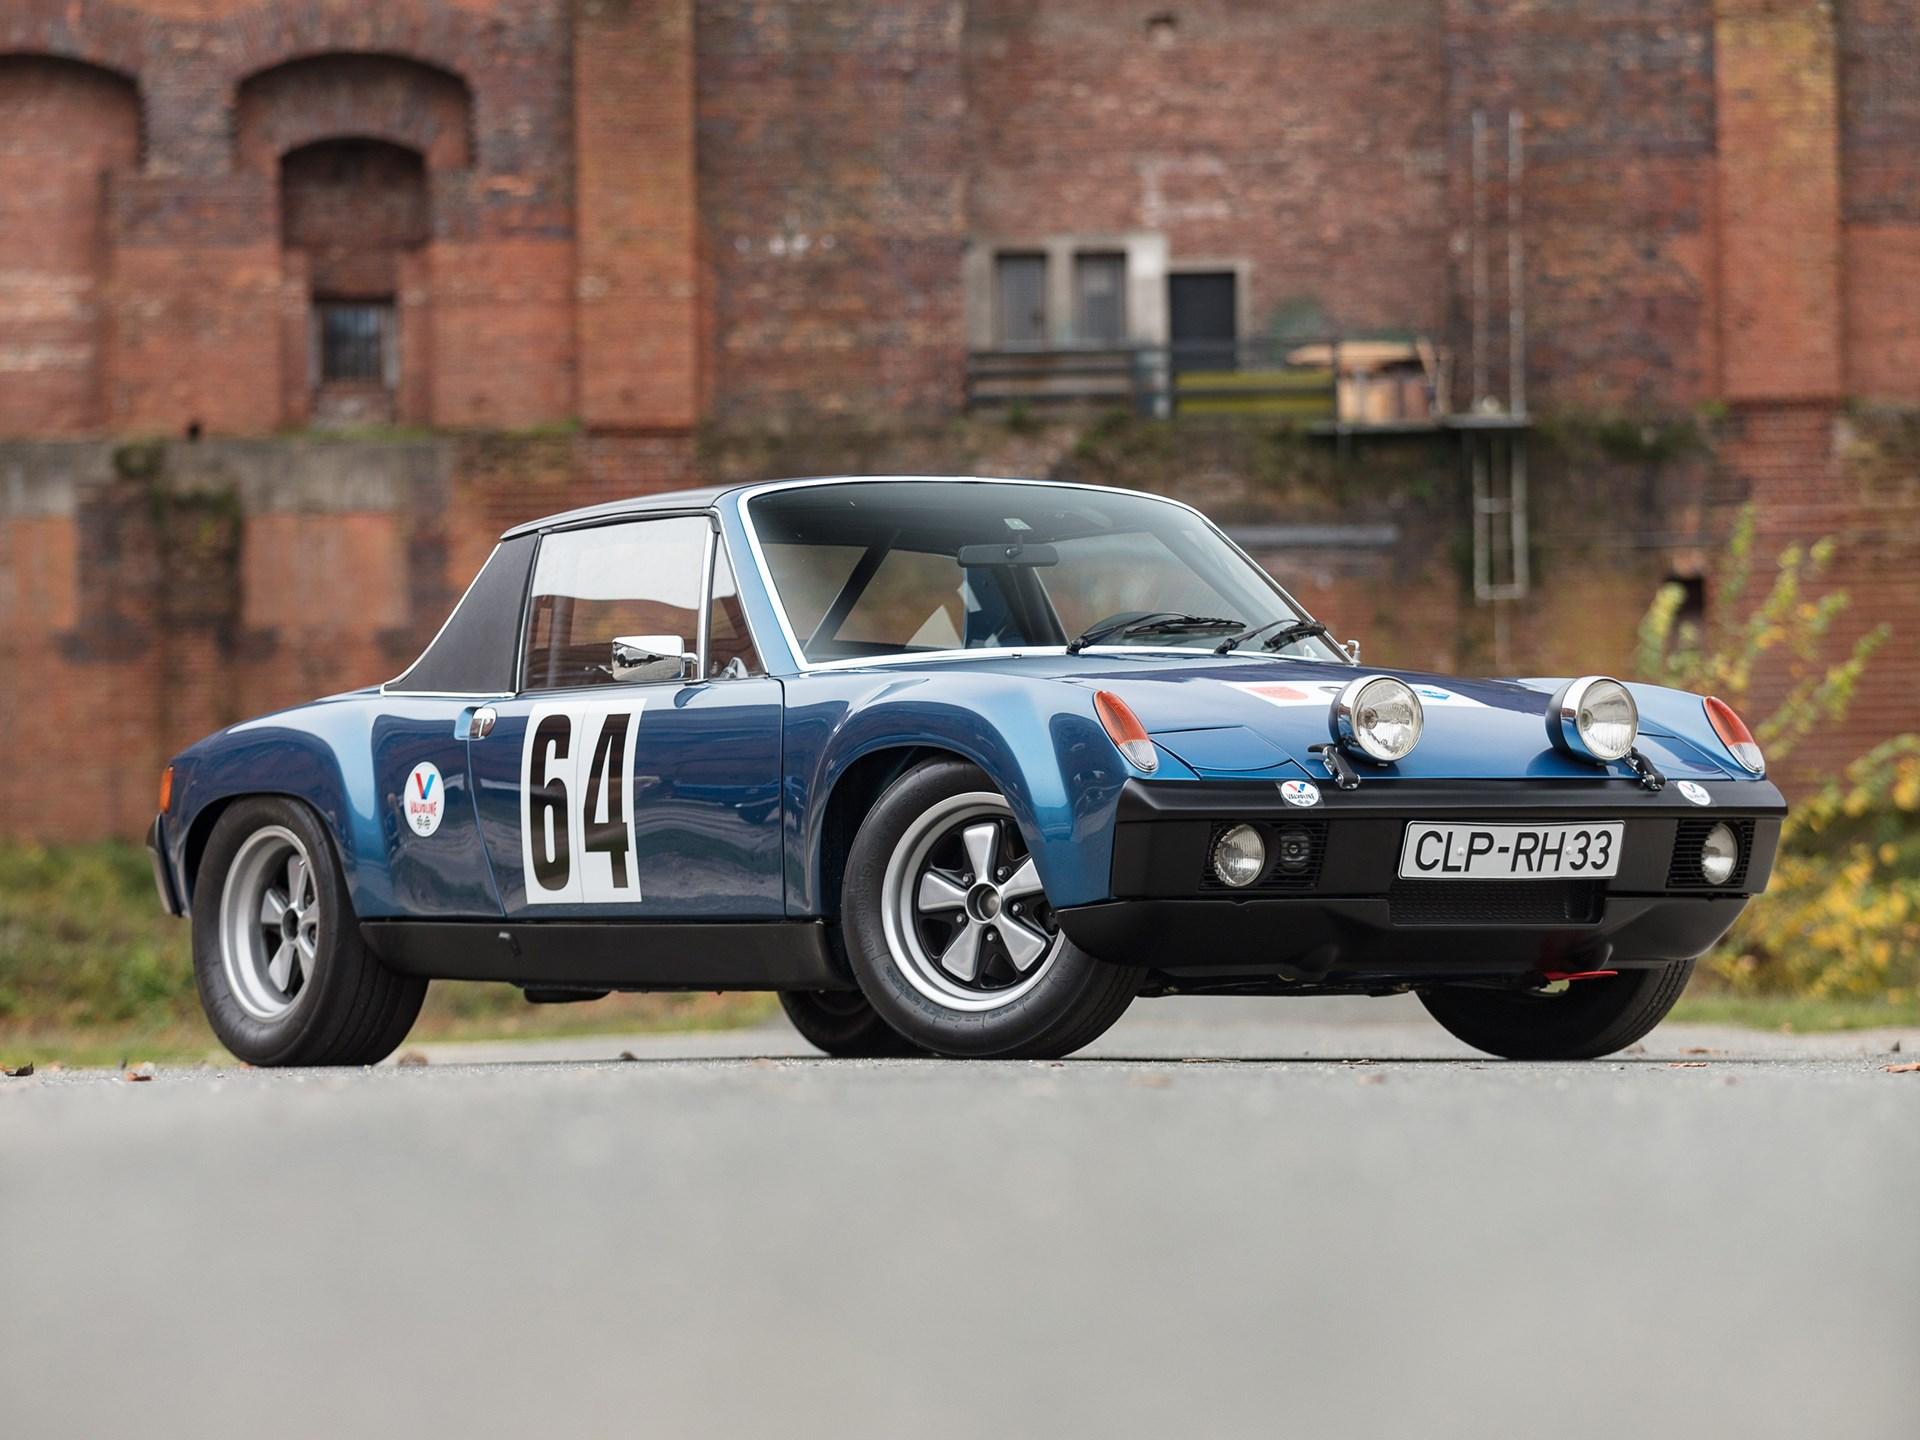 Porsche 9146 for sale